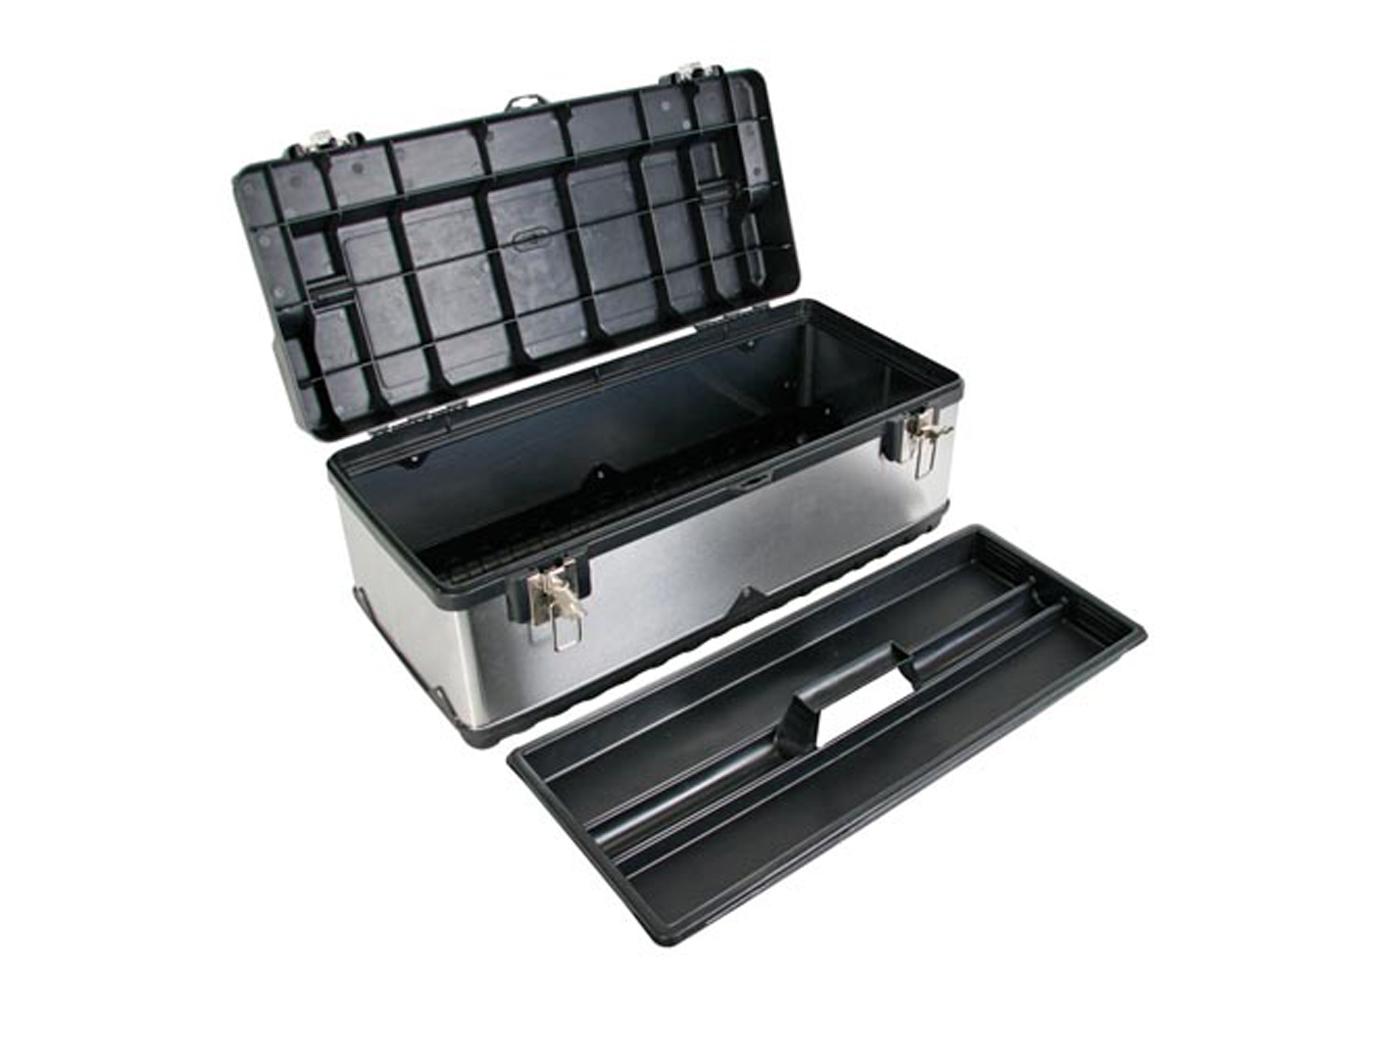 Werkzeugkiste Werkzeugkasten Werkzeugbox rostfreier Stahl 59x28x27cm